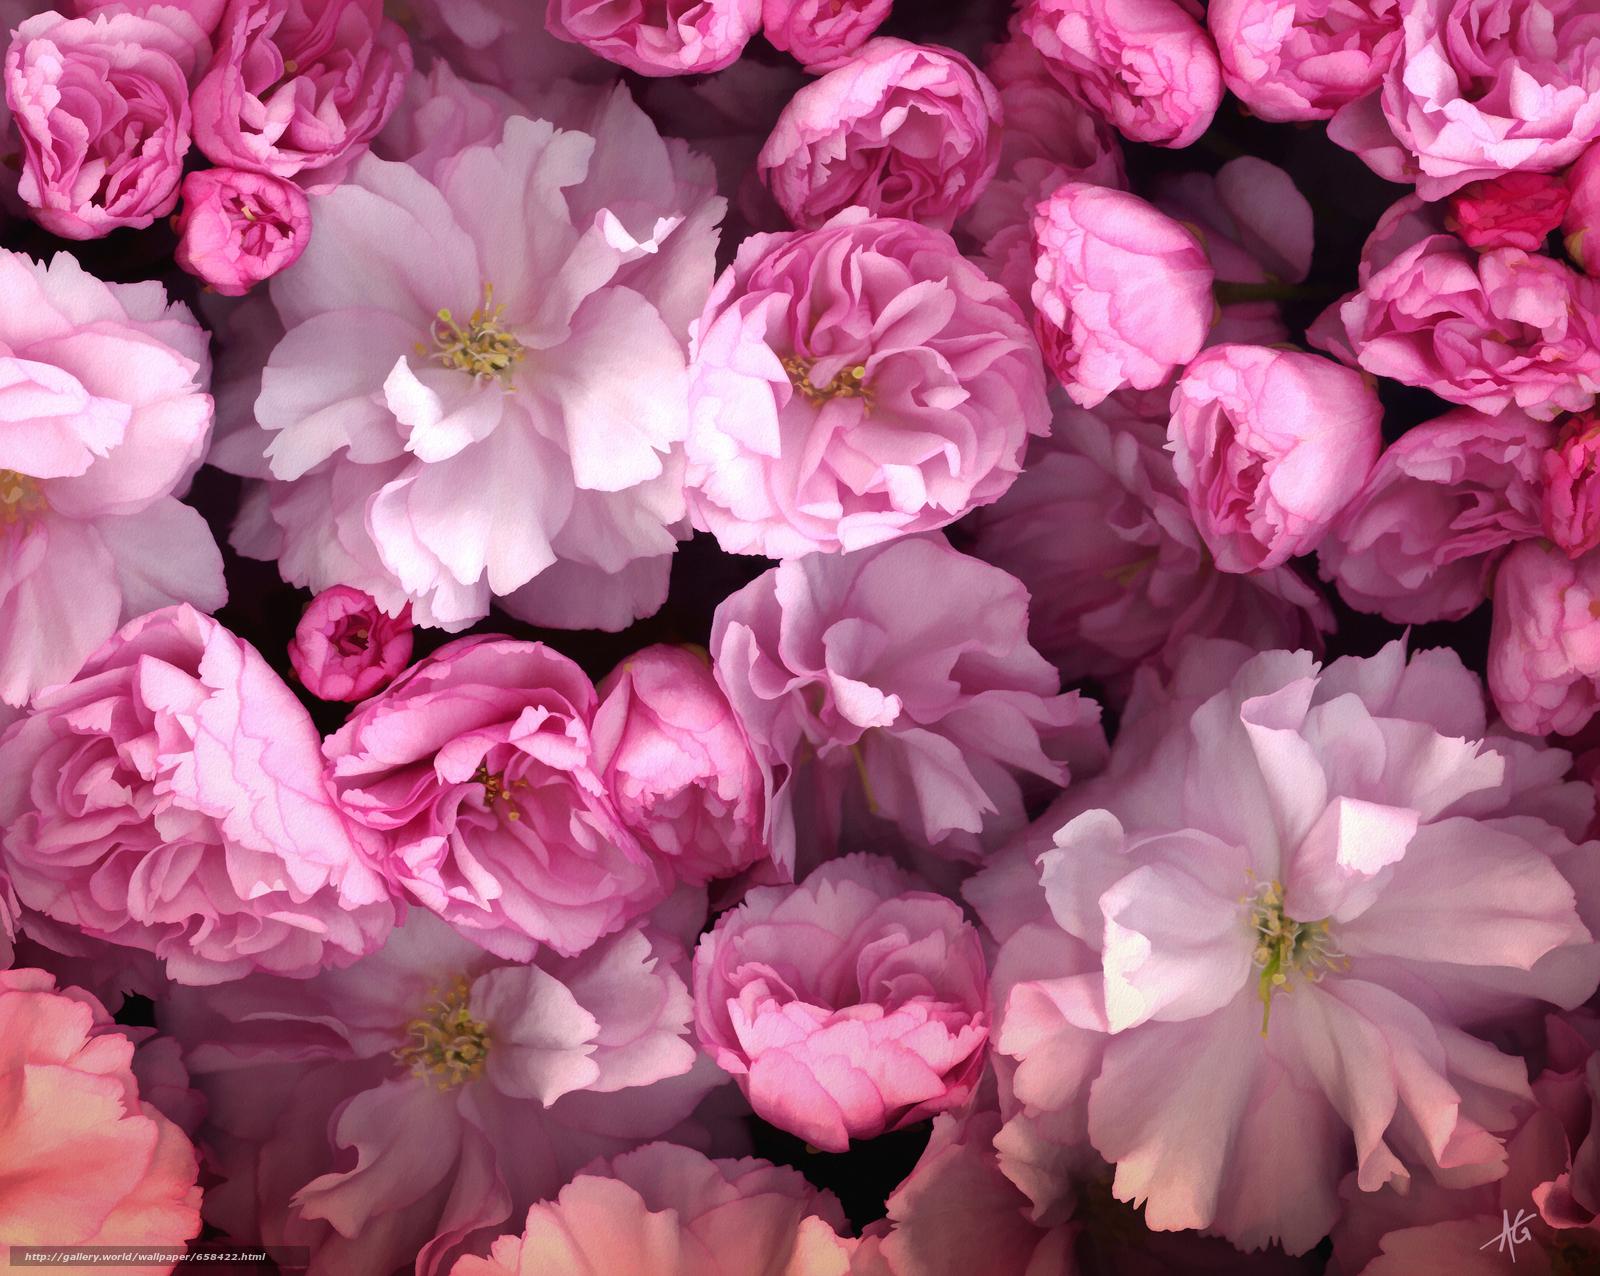 Скачать обои цветок,  цветы,  флора бесплатно для рабочего стола в разрешении 3197x2550 — картинка №658422